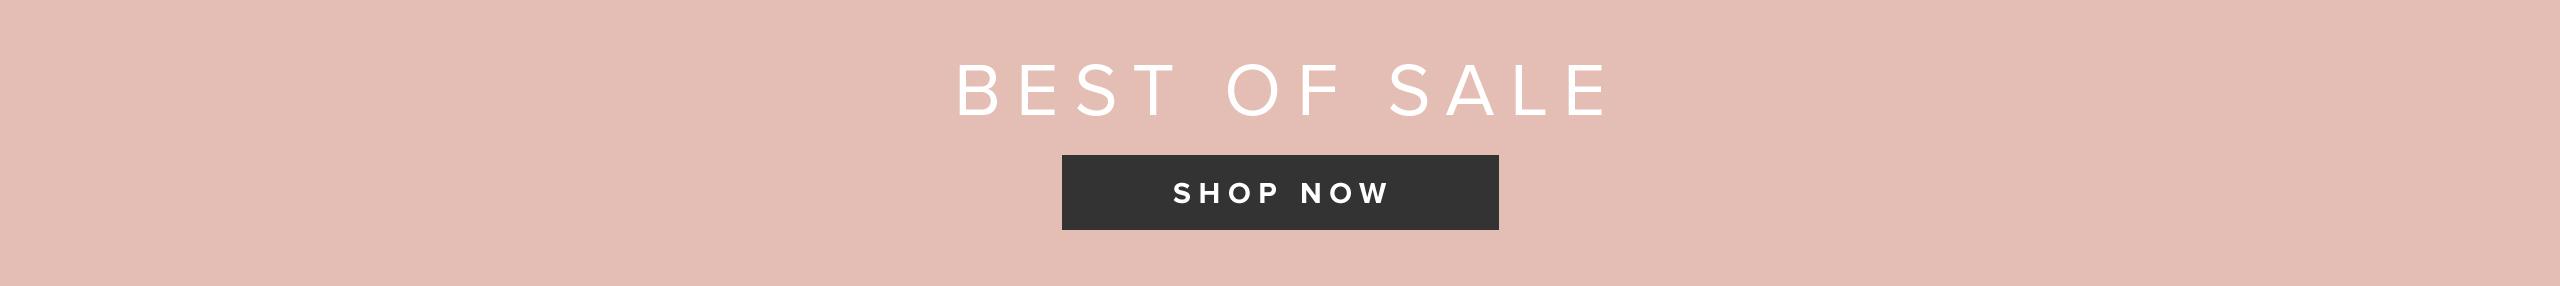 Best of Sale: Shop Now